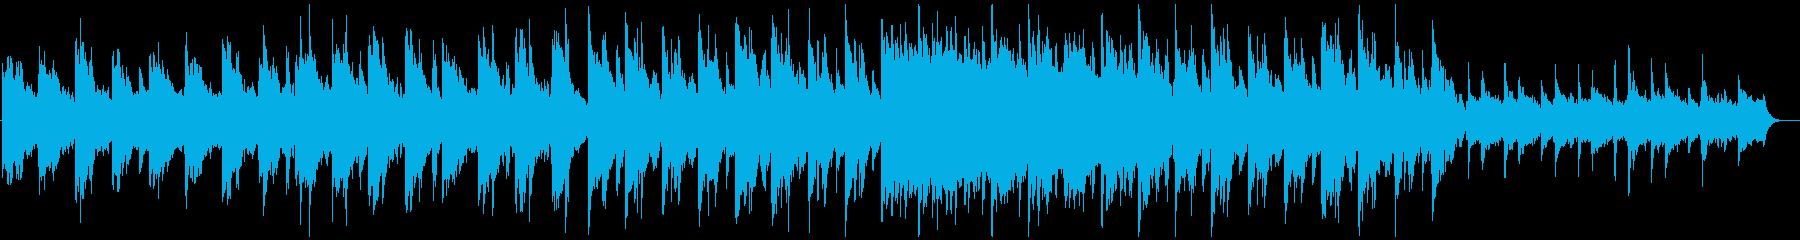 ジブリ調、ドリーミーなピアノのBGMの再生済みの波形